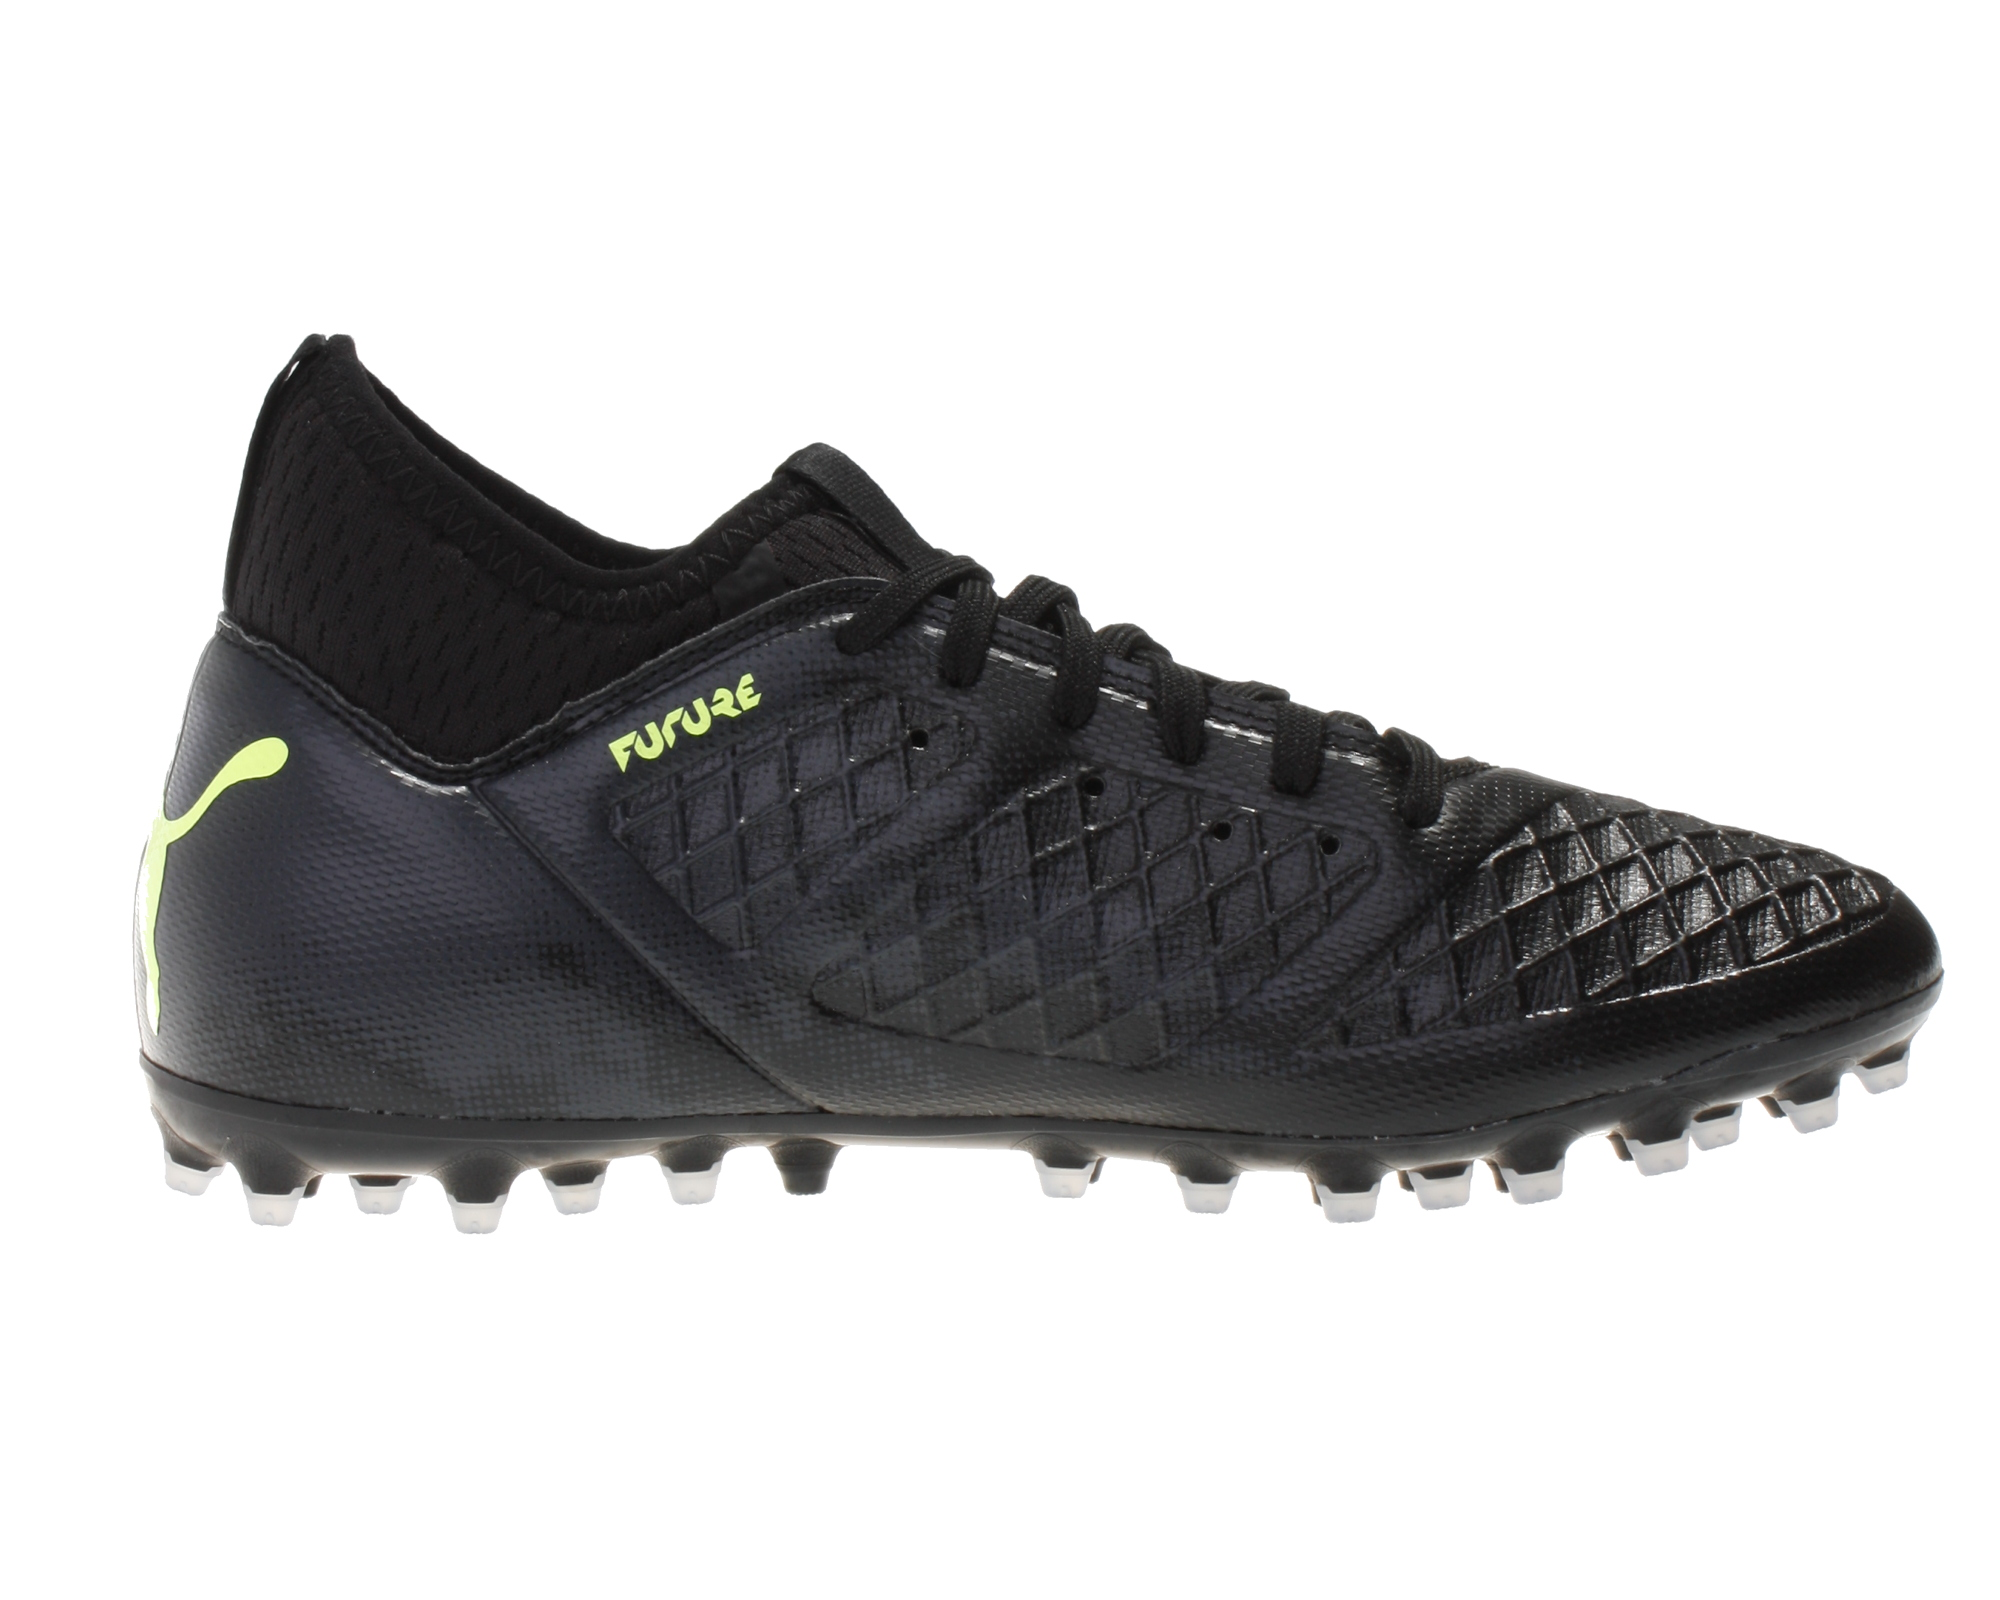 Details zu Puma Herren Fußball Schuhe für Kunst Naturrasen Future 18.3 MG mit Schuhsocke